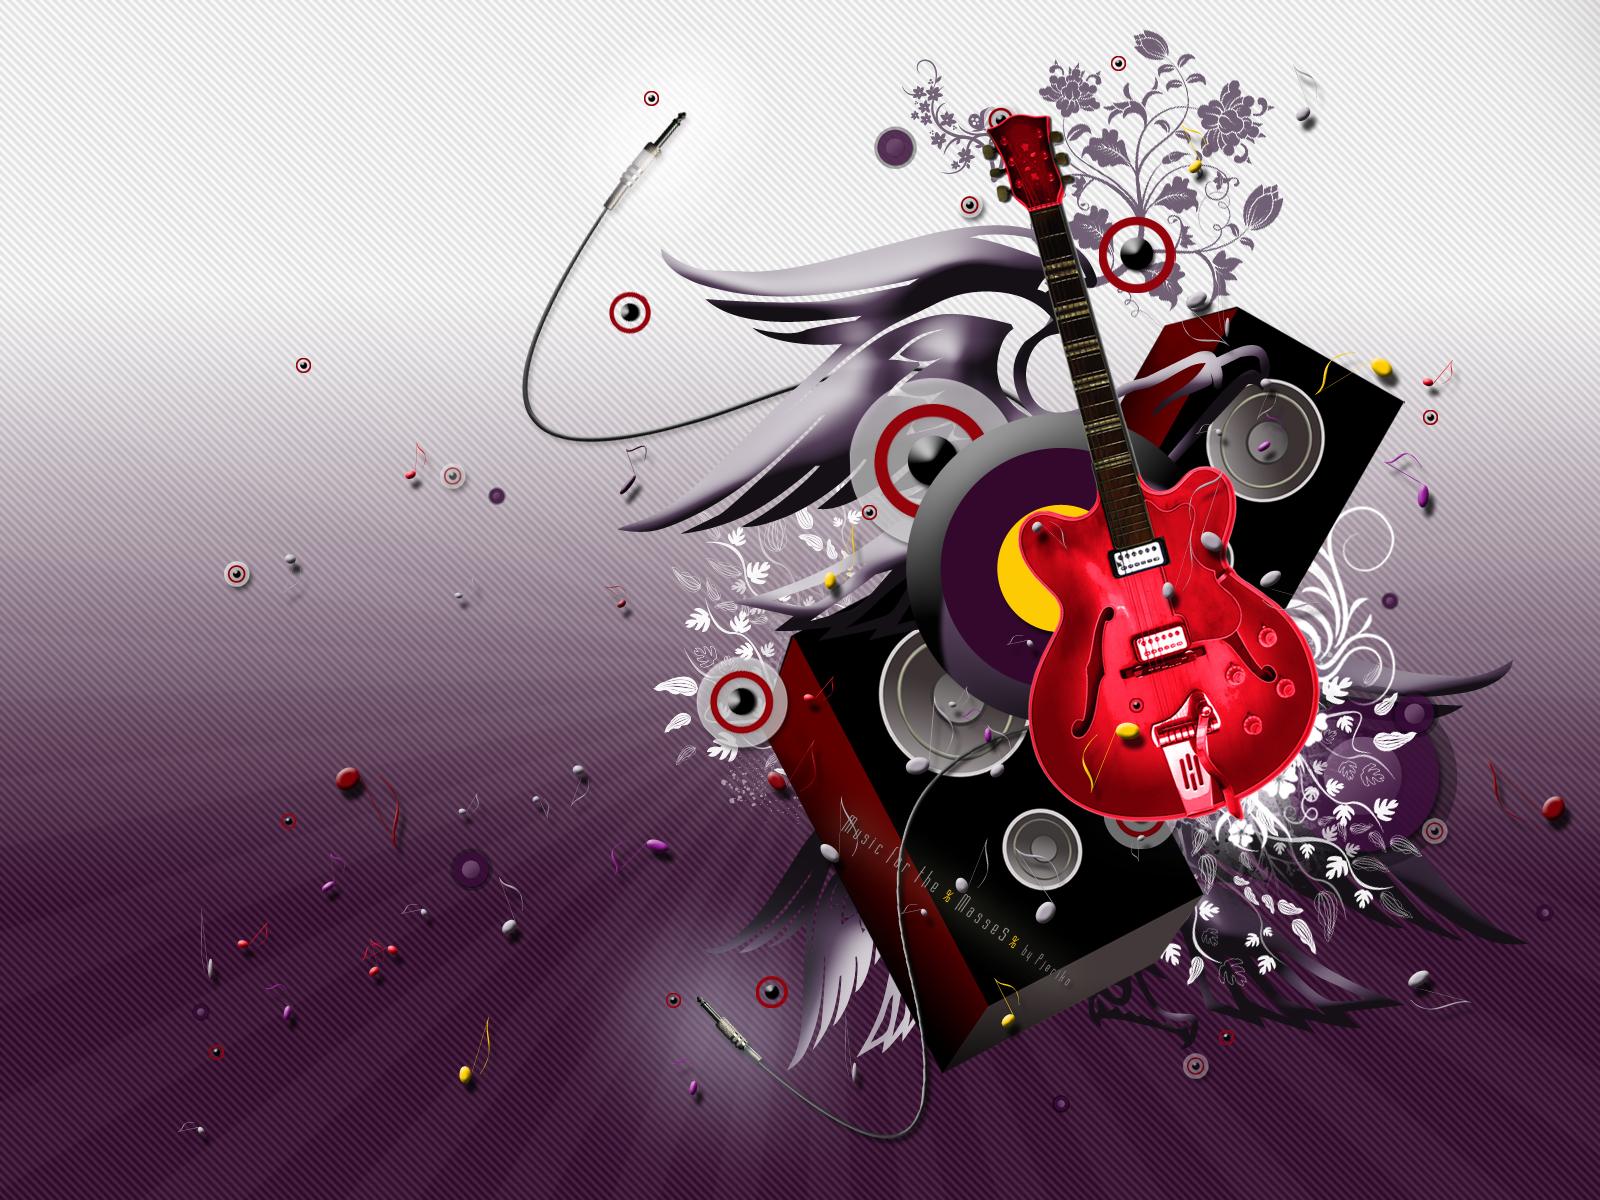 10/25、音楽系のスタートアップに特化したイベント「音楽スタートアップカンファレンス」開催